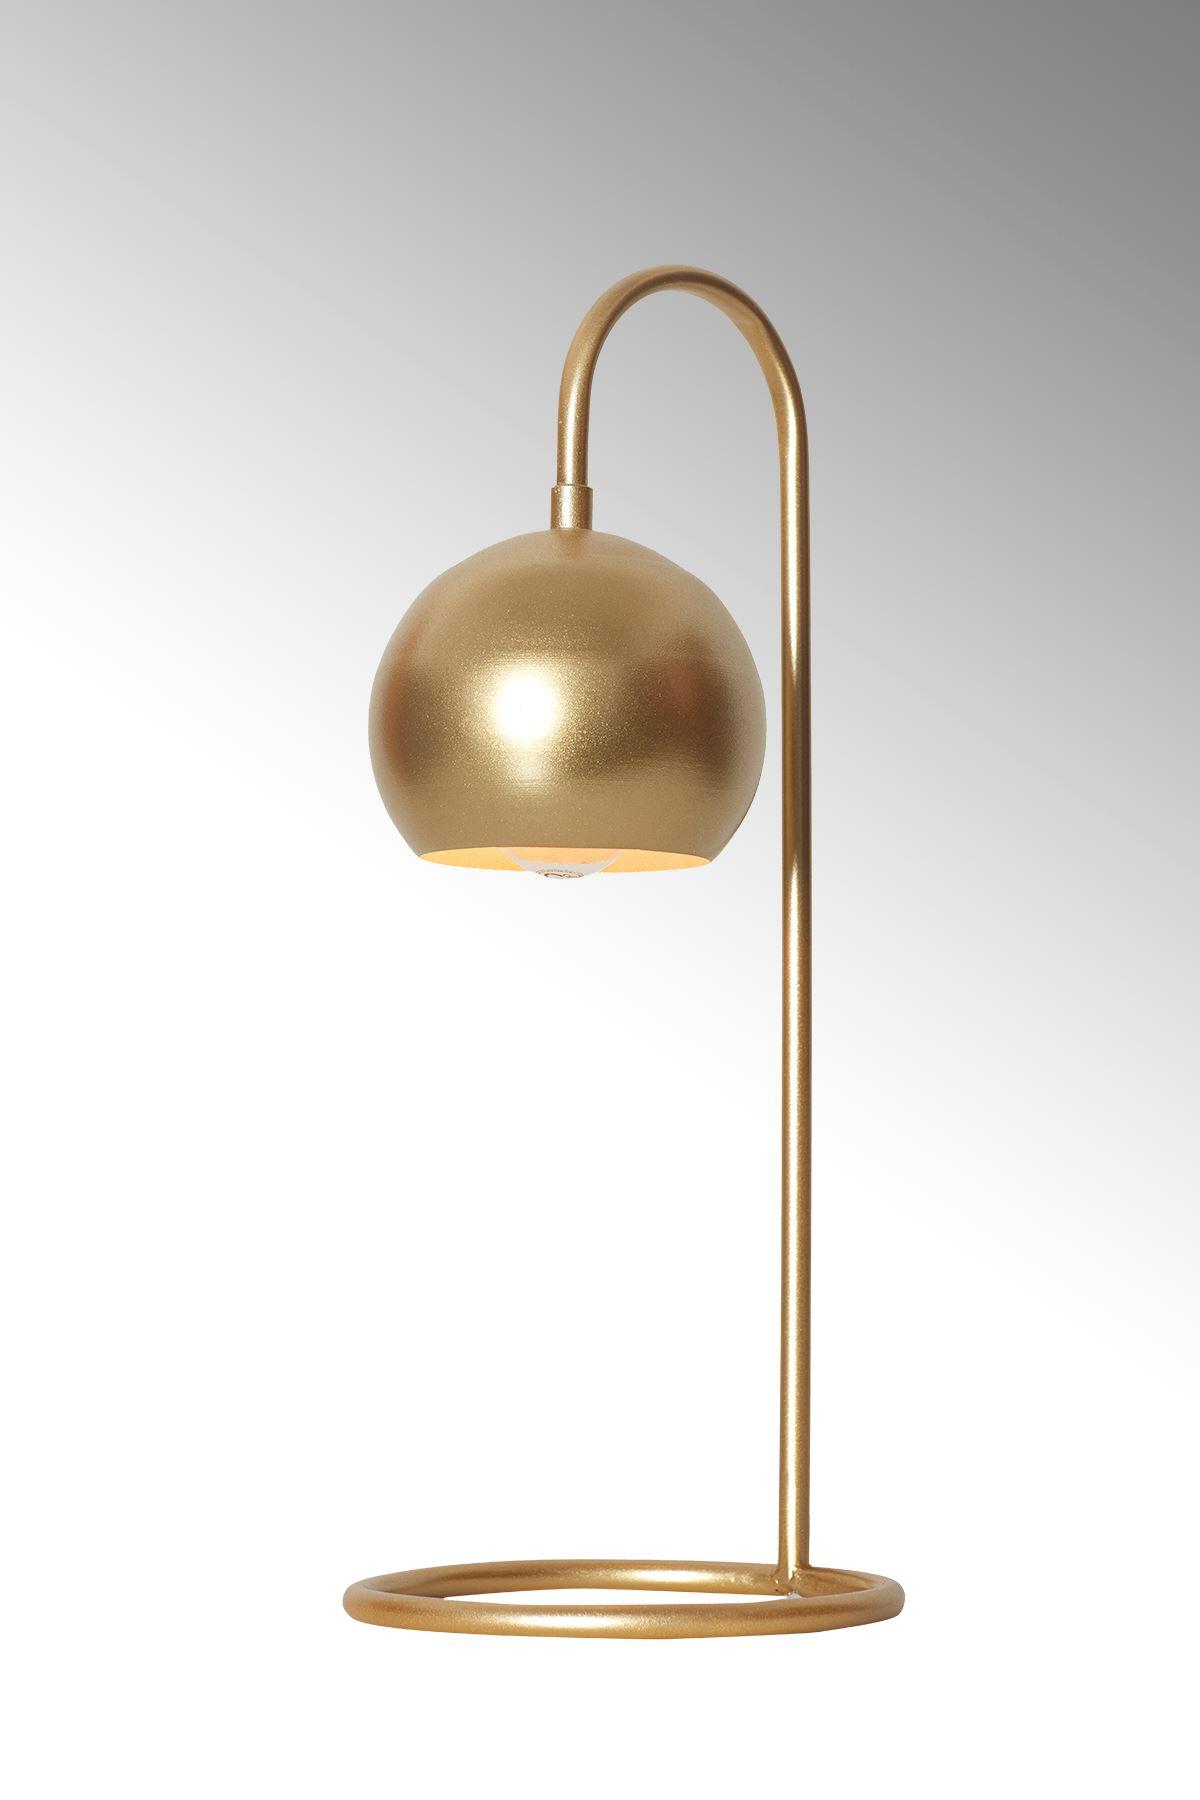 Sonar Sarı Metal Tasarım Lüx Masa Lambası